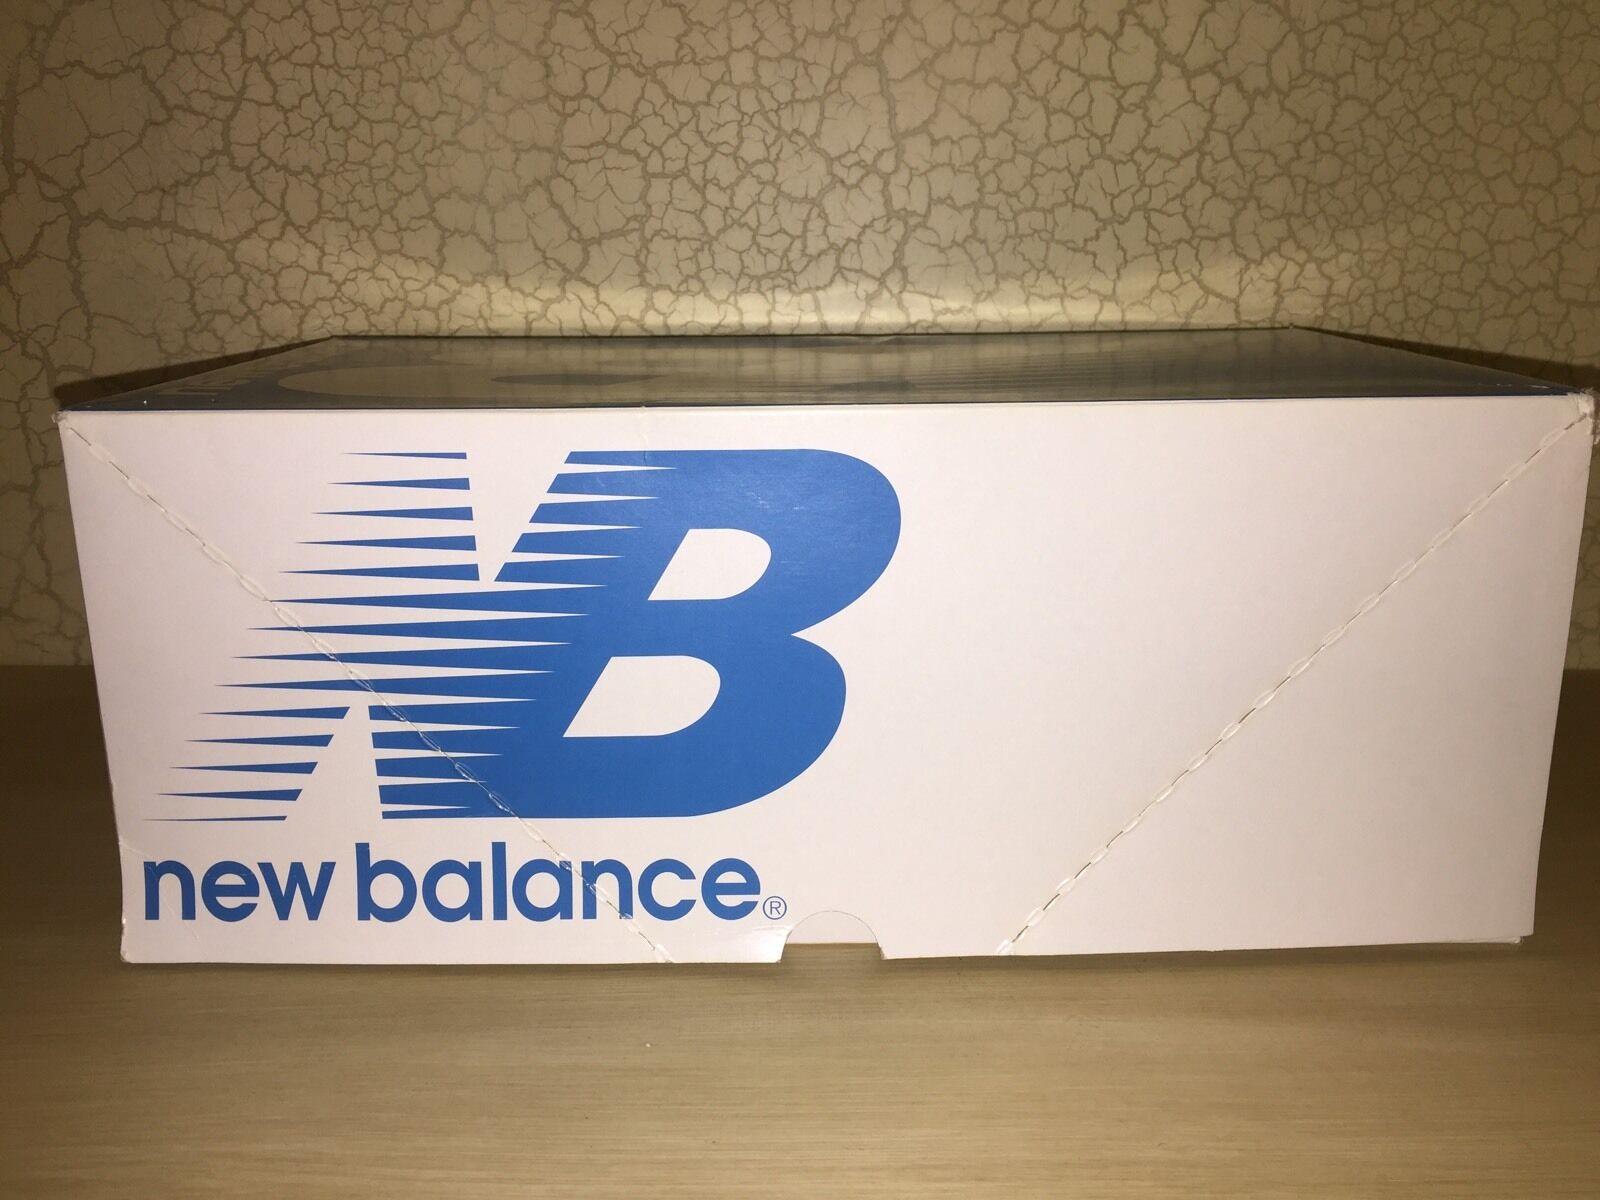 New grauen balance m1300jp2 2015 jp m1300 (30. jahrestag vermächtnis grauen New 1300 größe 6 4dd0ec